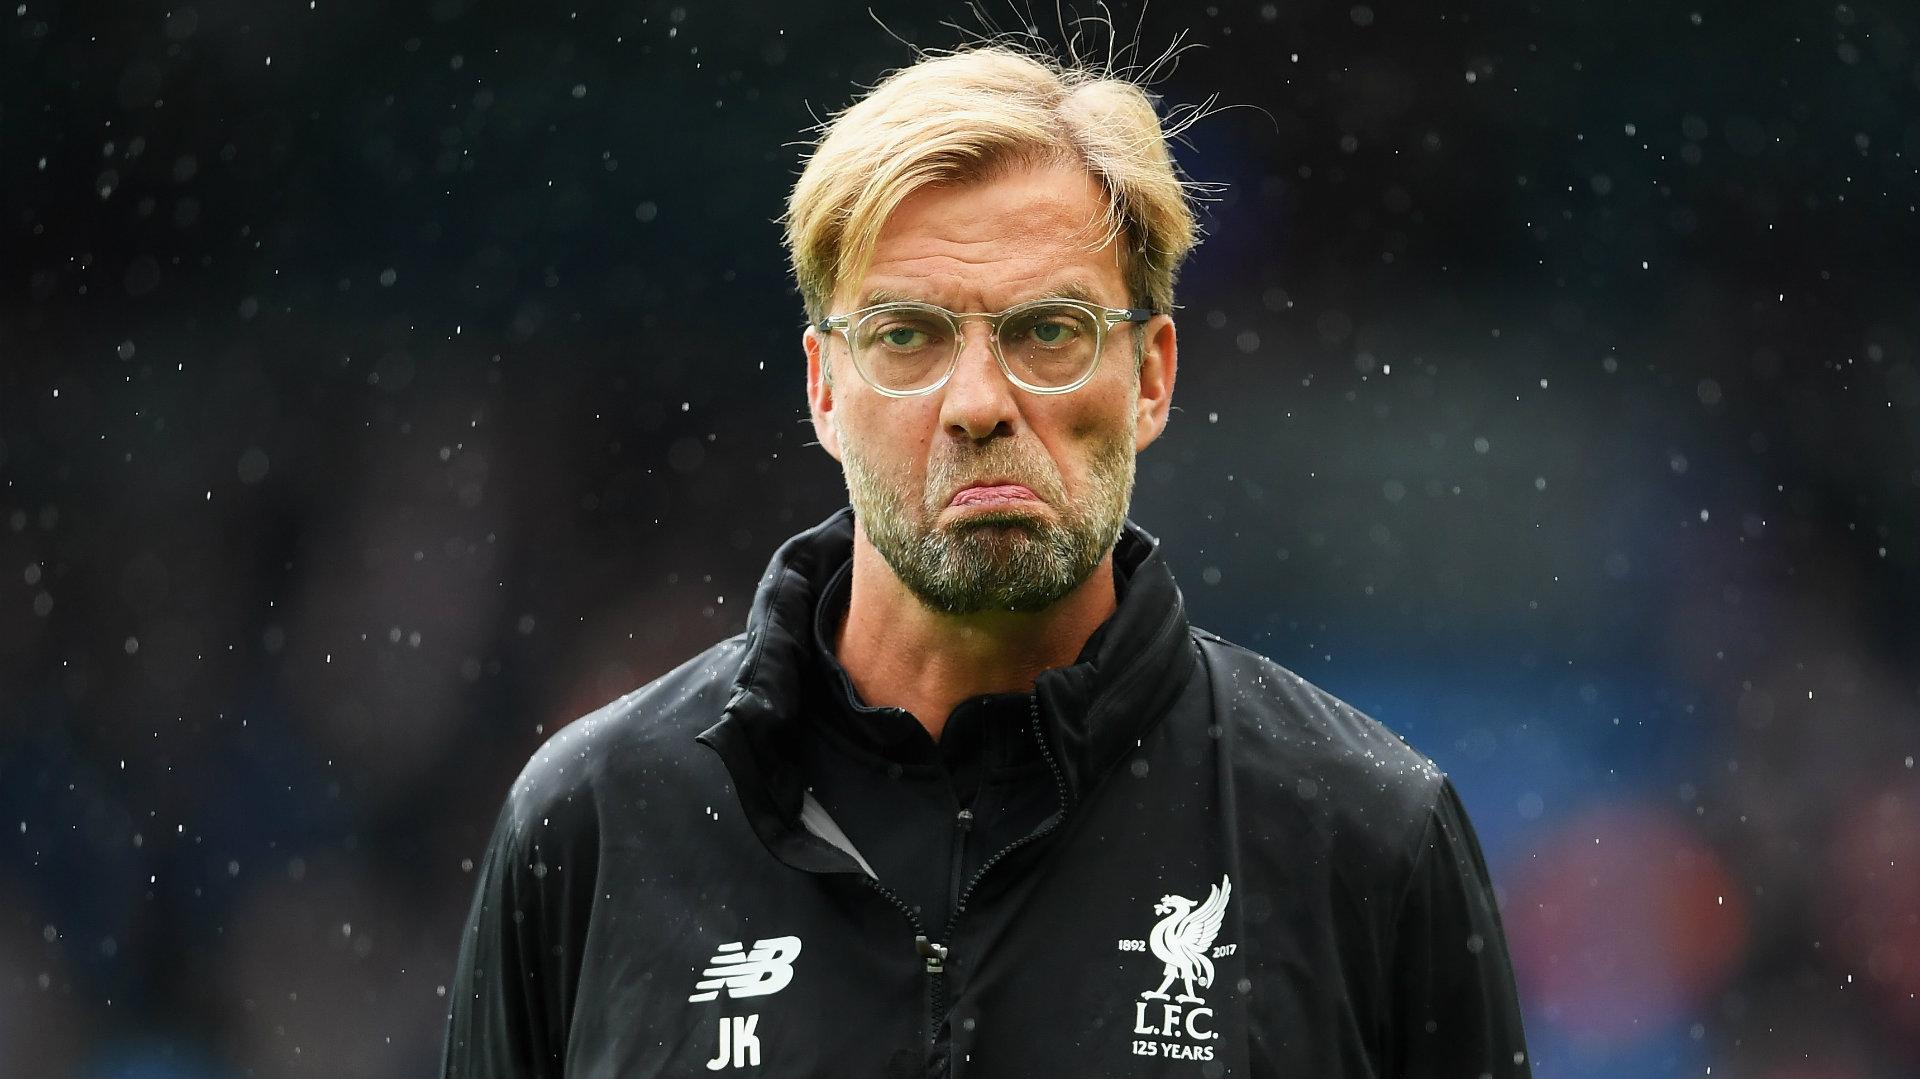 Jurgen Klopp, Manchester City v Liverpool, Sept. 17